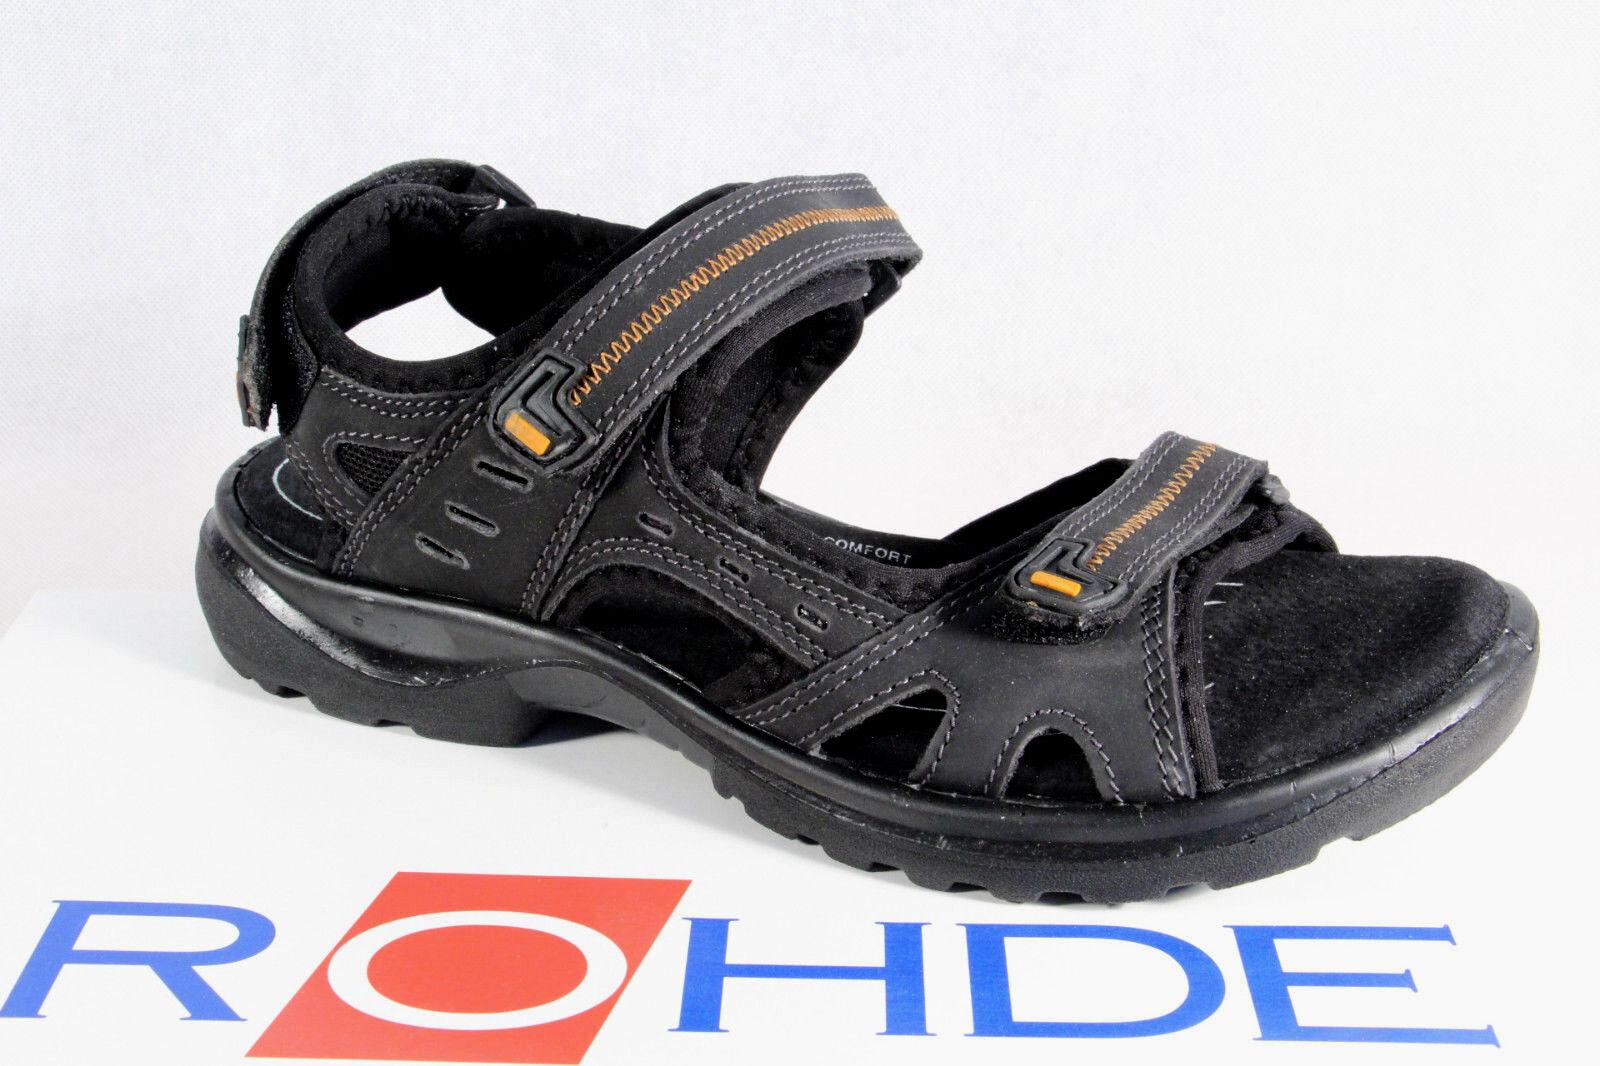 Rohde Damen Damen Damen Sandale Sandalen Sandaletten Weite G schwarz NEU   0a8727